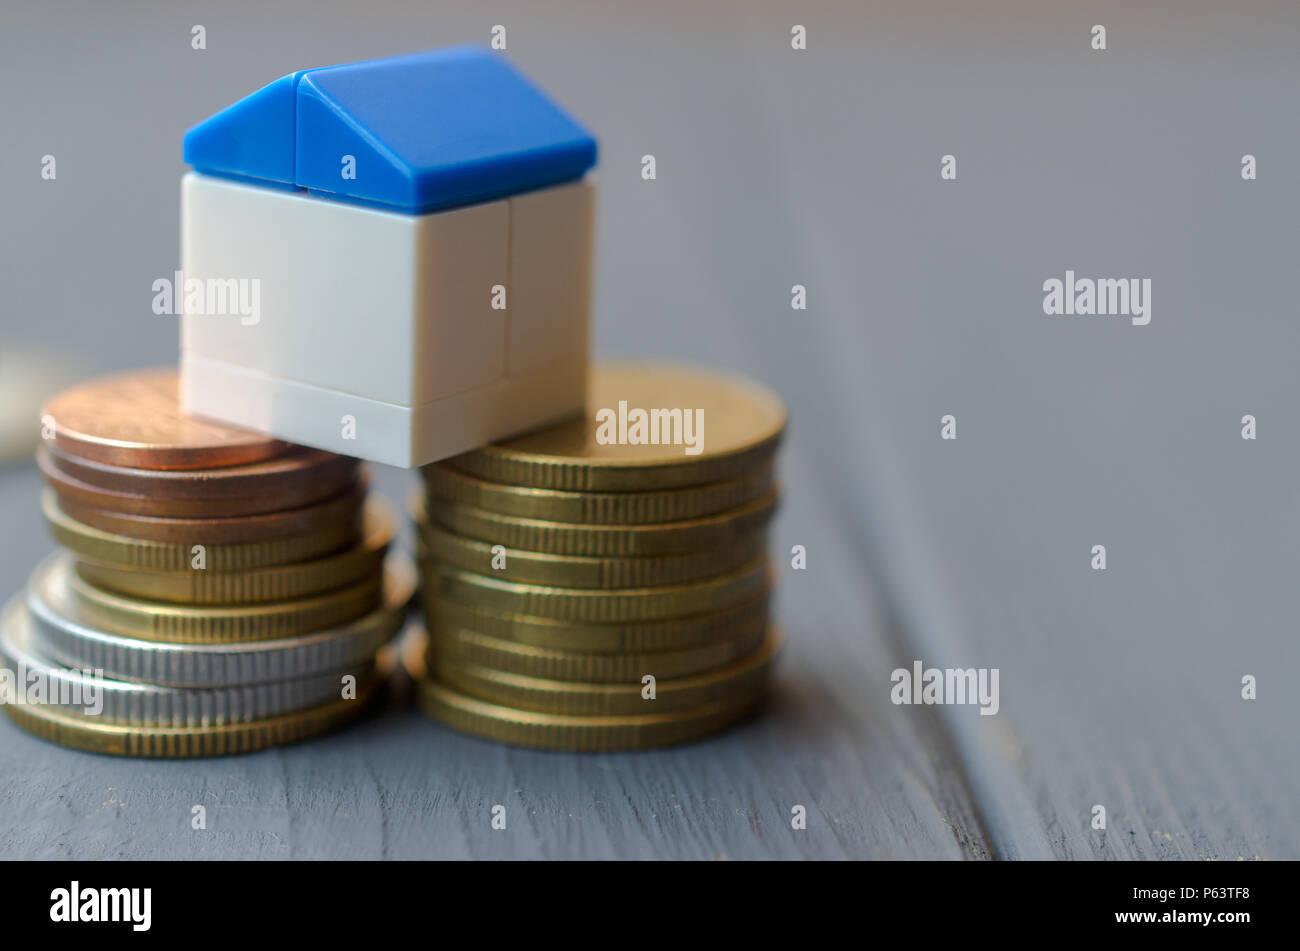 Il concetto di prestiti per l'alloggiamento. Casa bianca con un tetto blu su una pila di monete Foto Stock